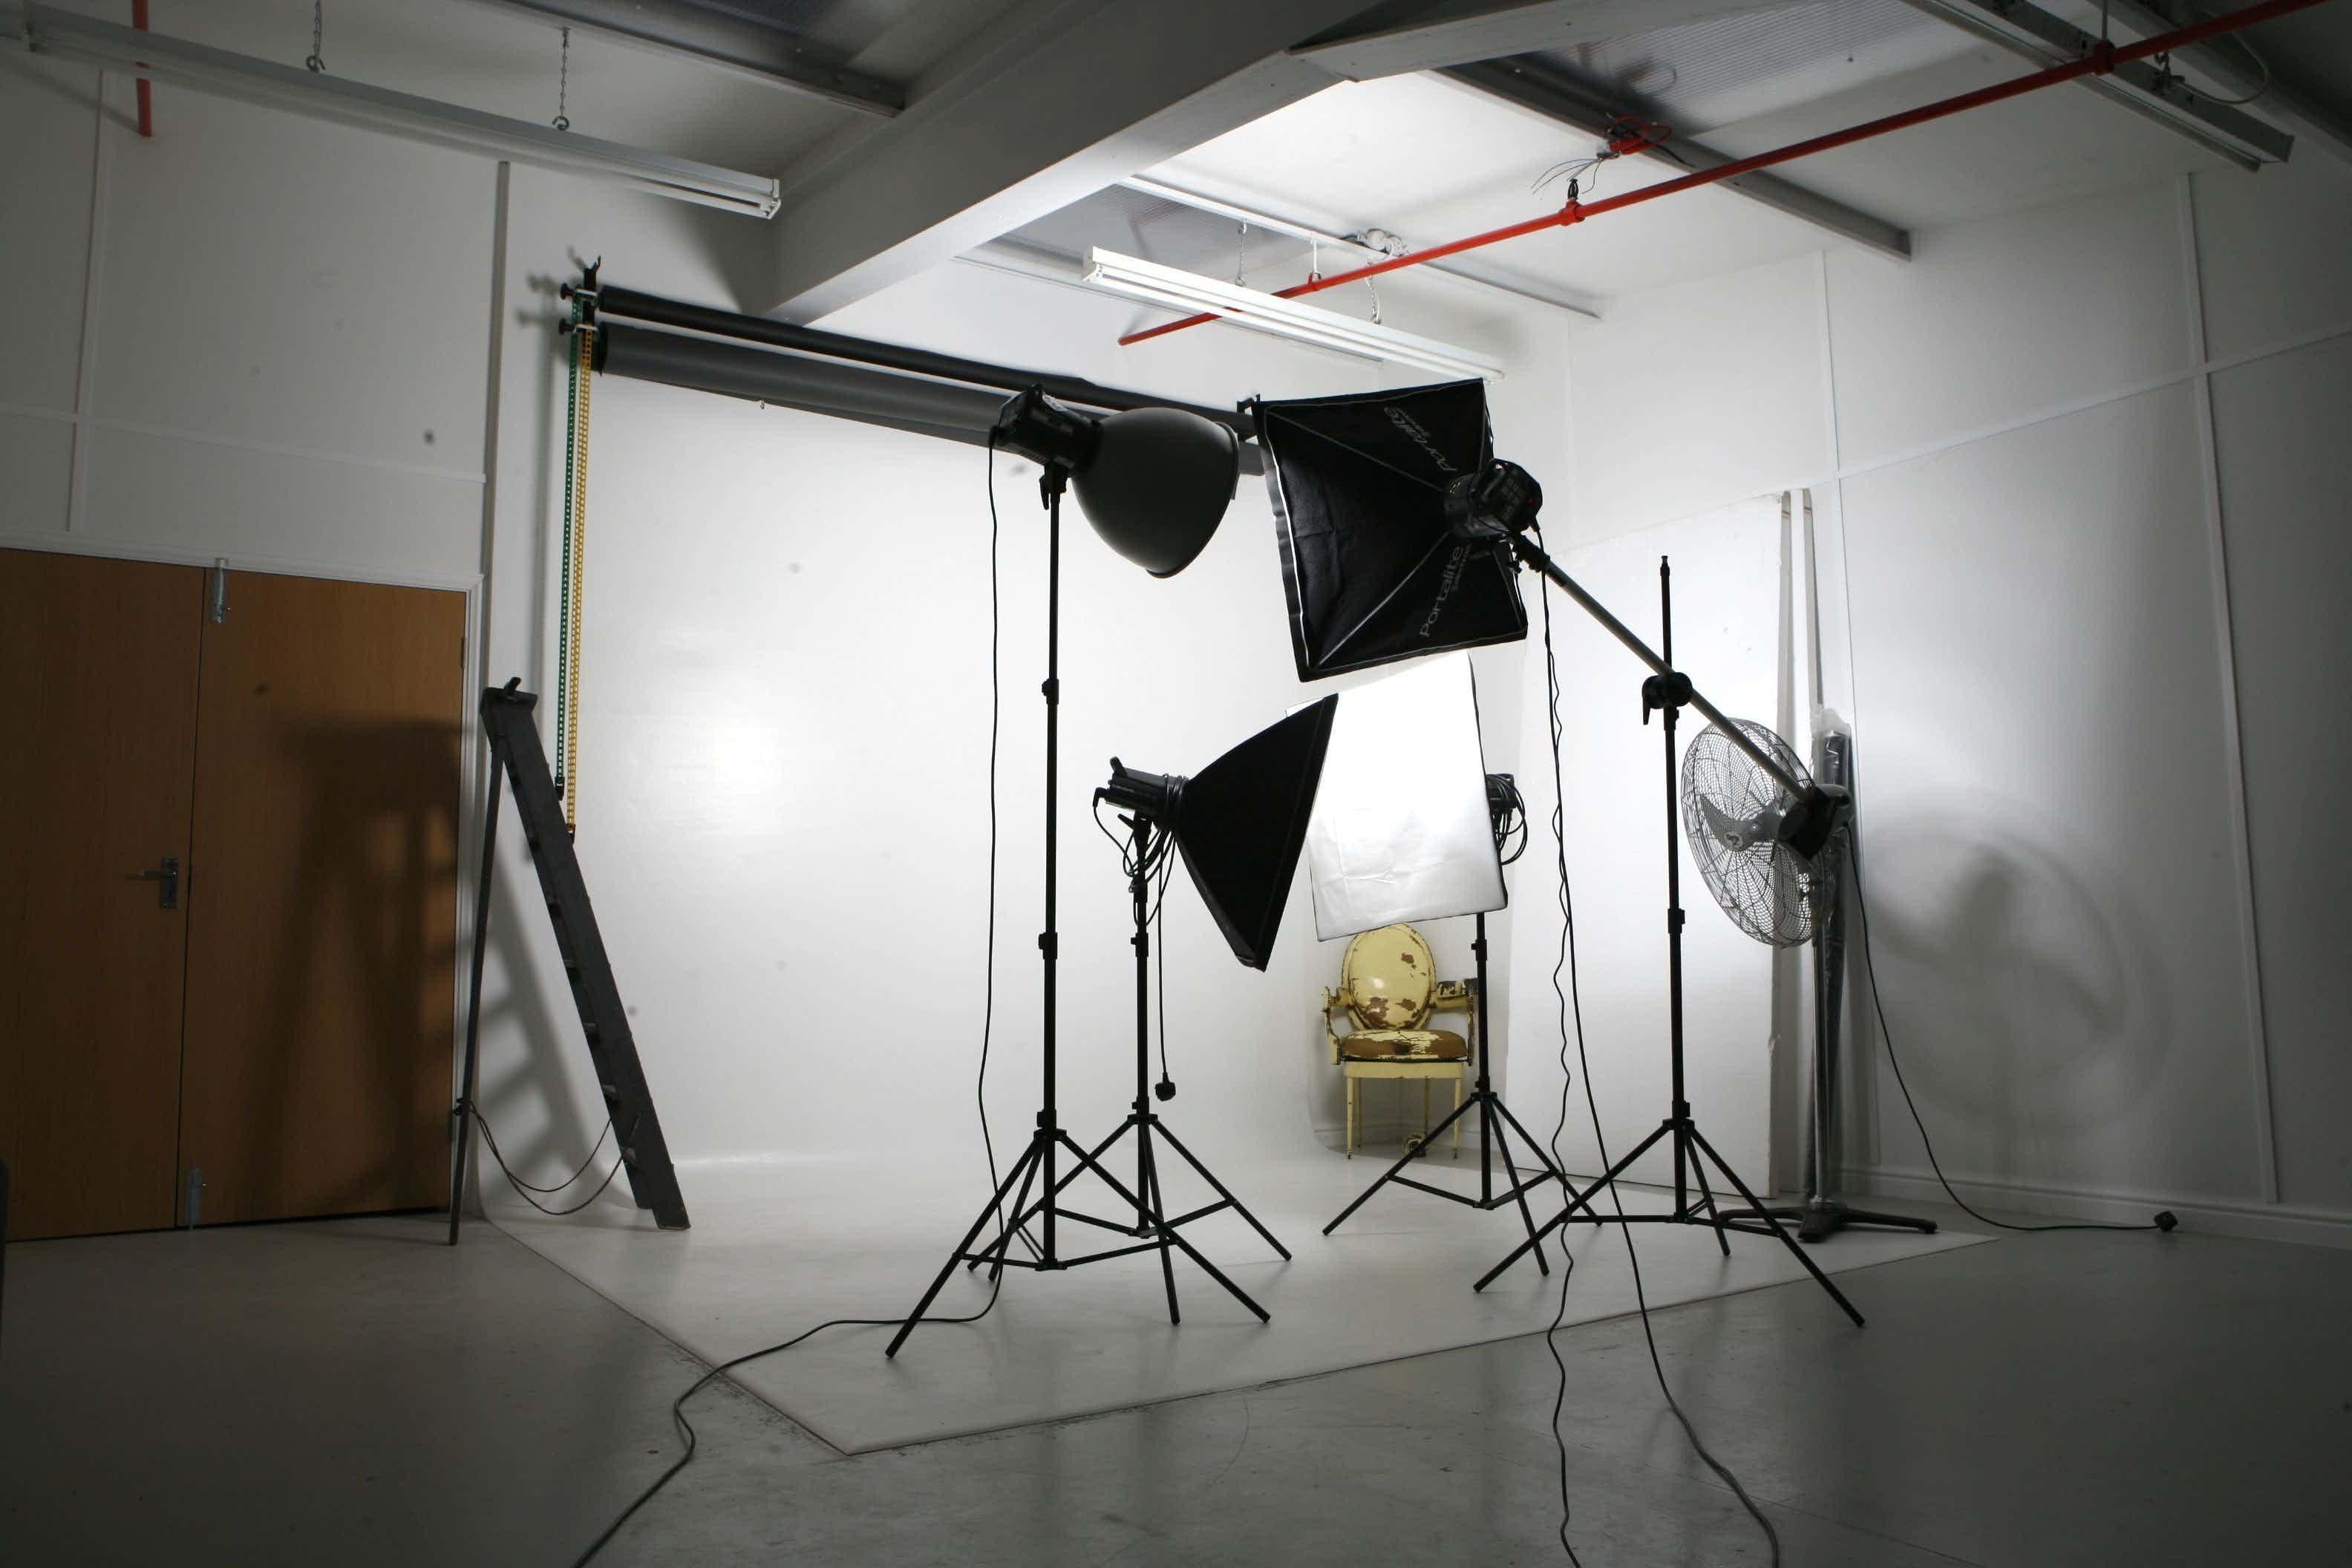 Photographic Studio, SN Studio